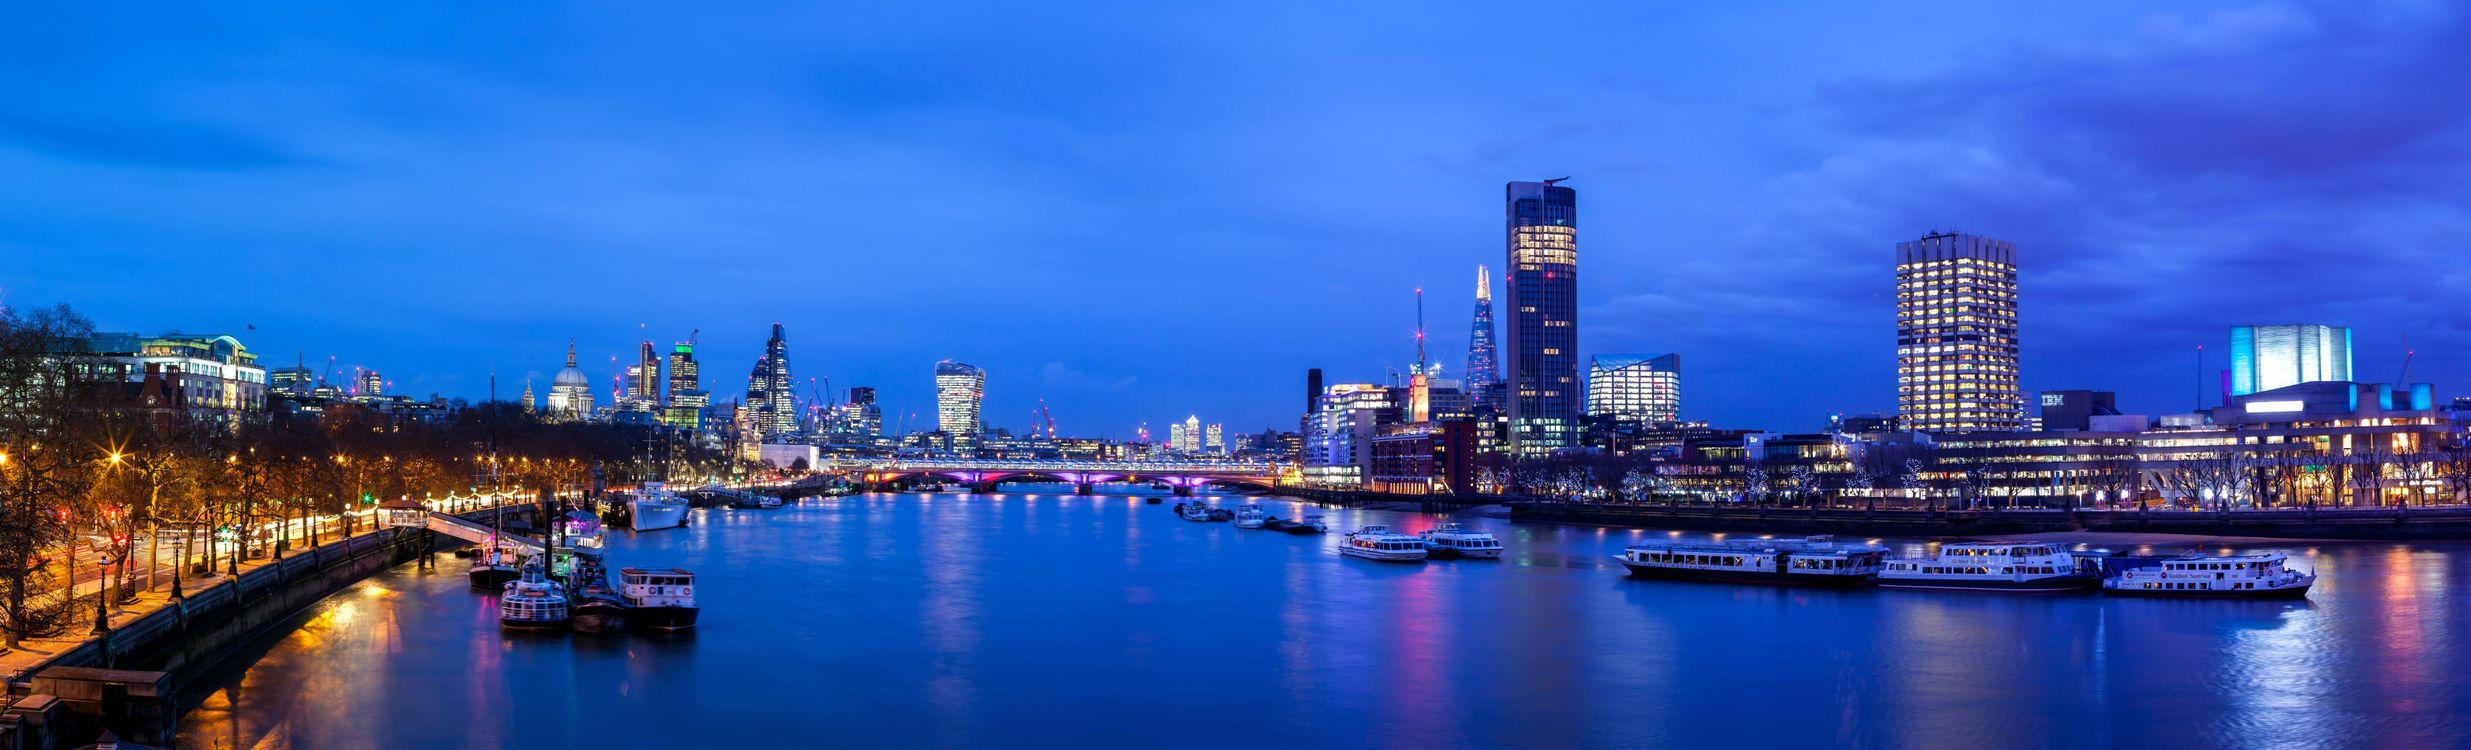 Фото Великобритания Лондон Темза река - бесплатные картинки на Fonwall